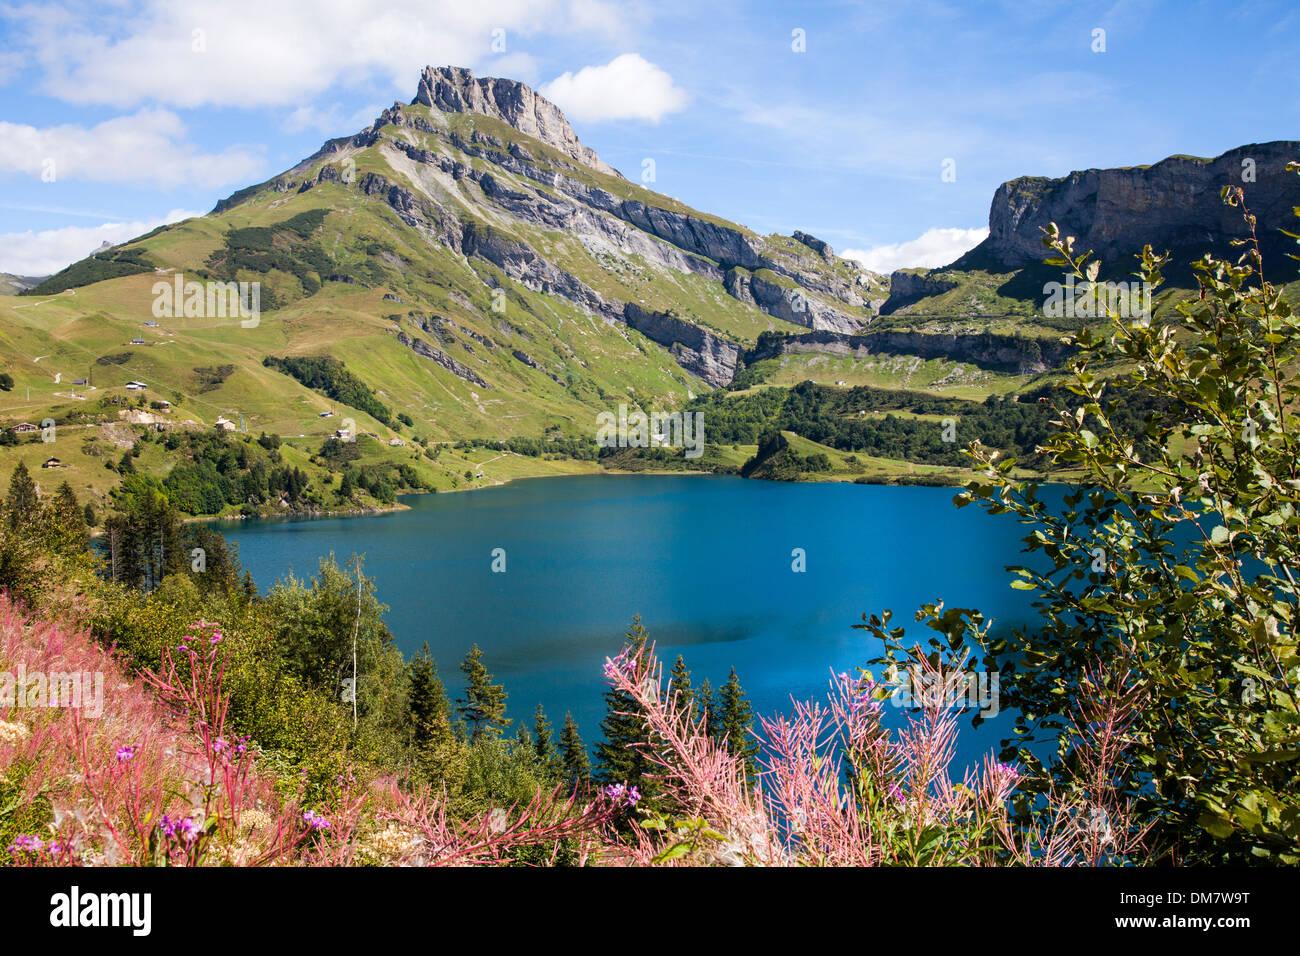 Agua azul oscuro en la LAC de Roseland, Savoie, Francia. Imagen De Stock